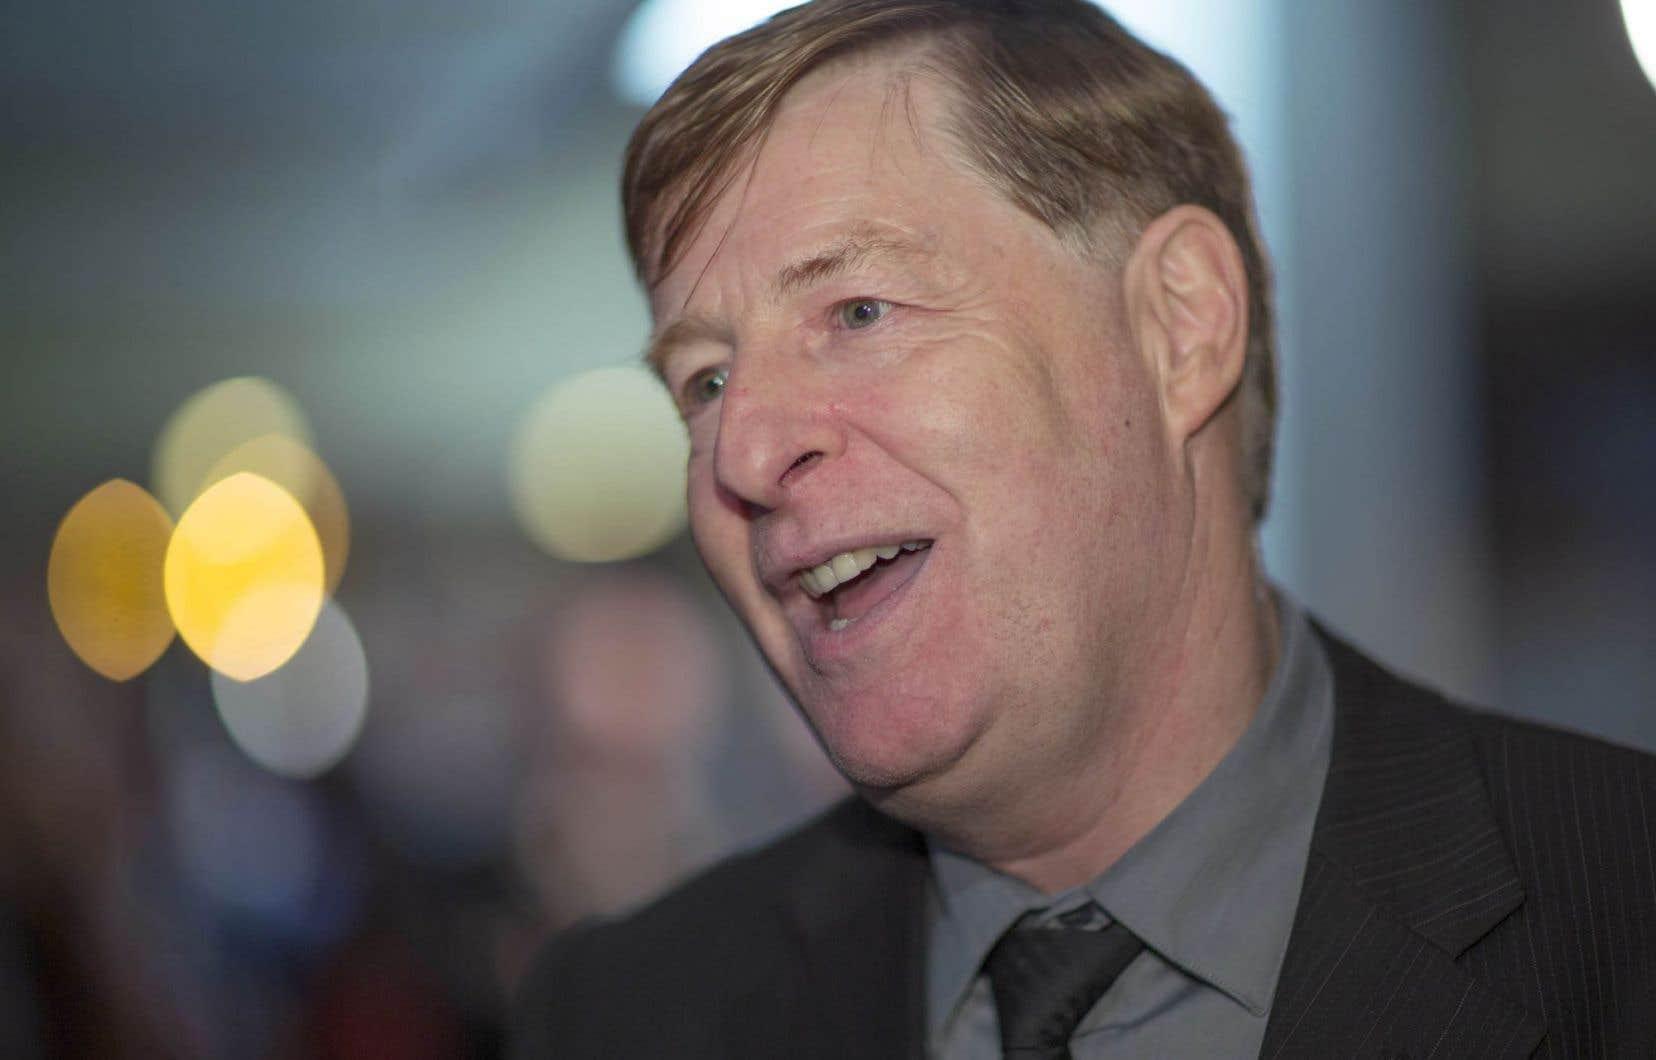 Le maire Demers n'a résidé à l'extérieur de Laval que pendant six mois, «pour des raisons imprévues et hors de son contrôle», note la Cour.